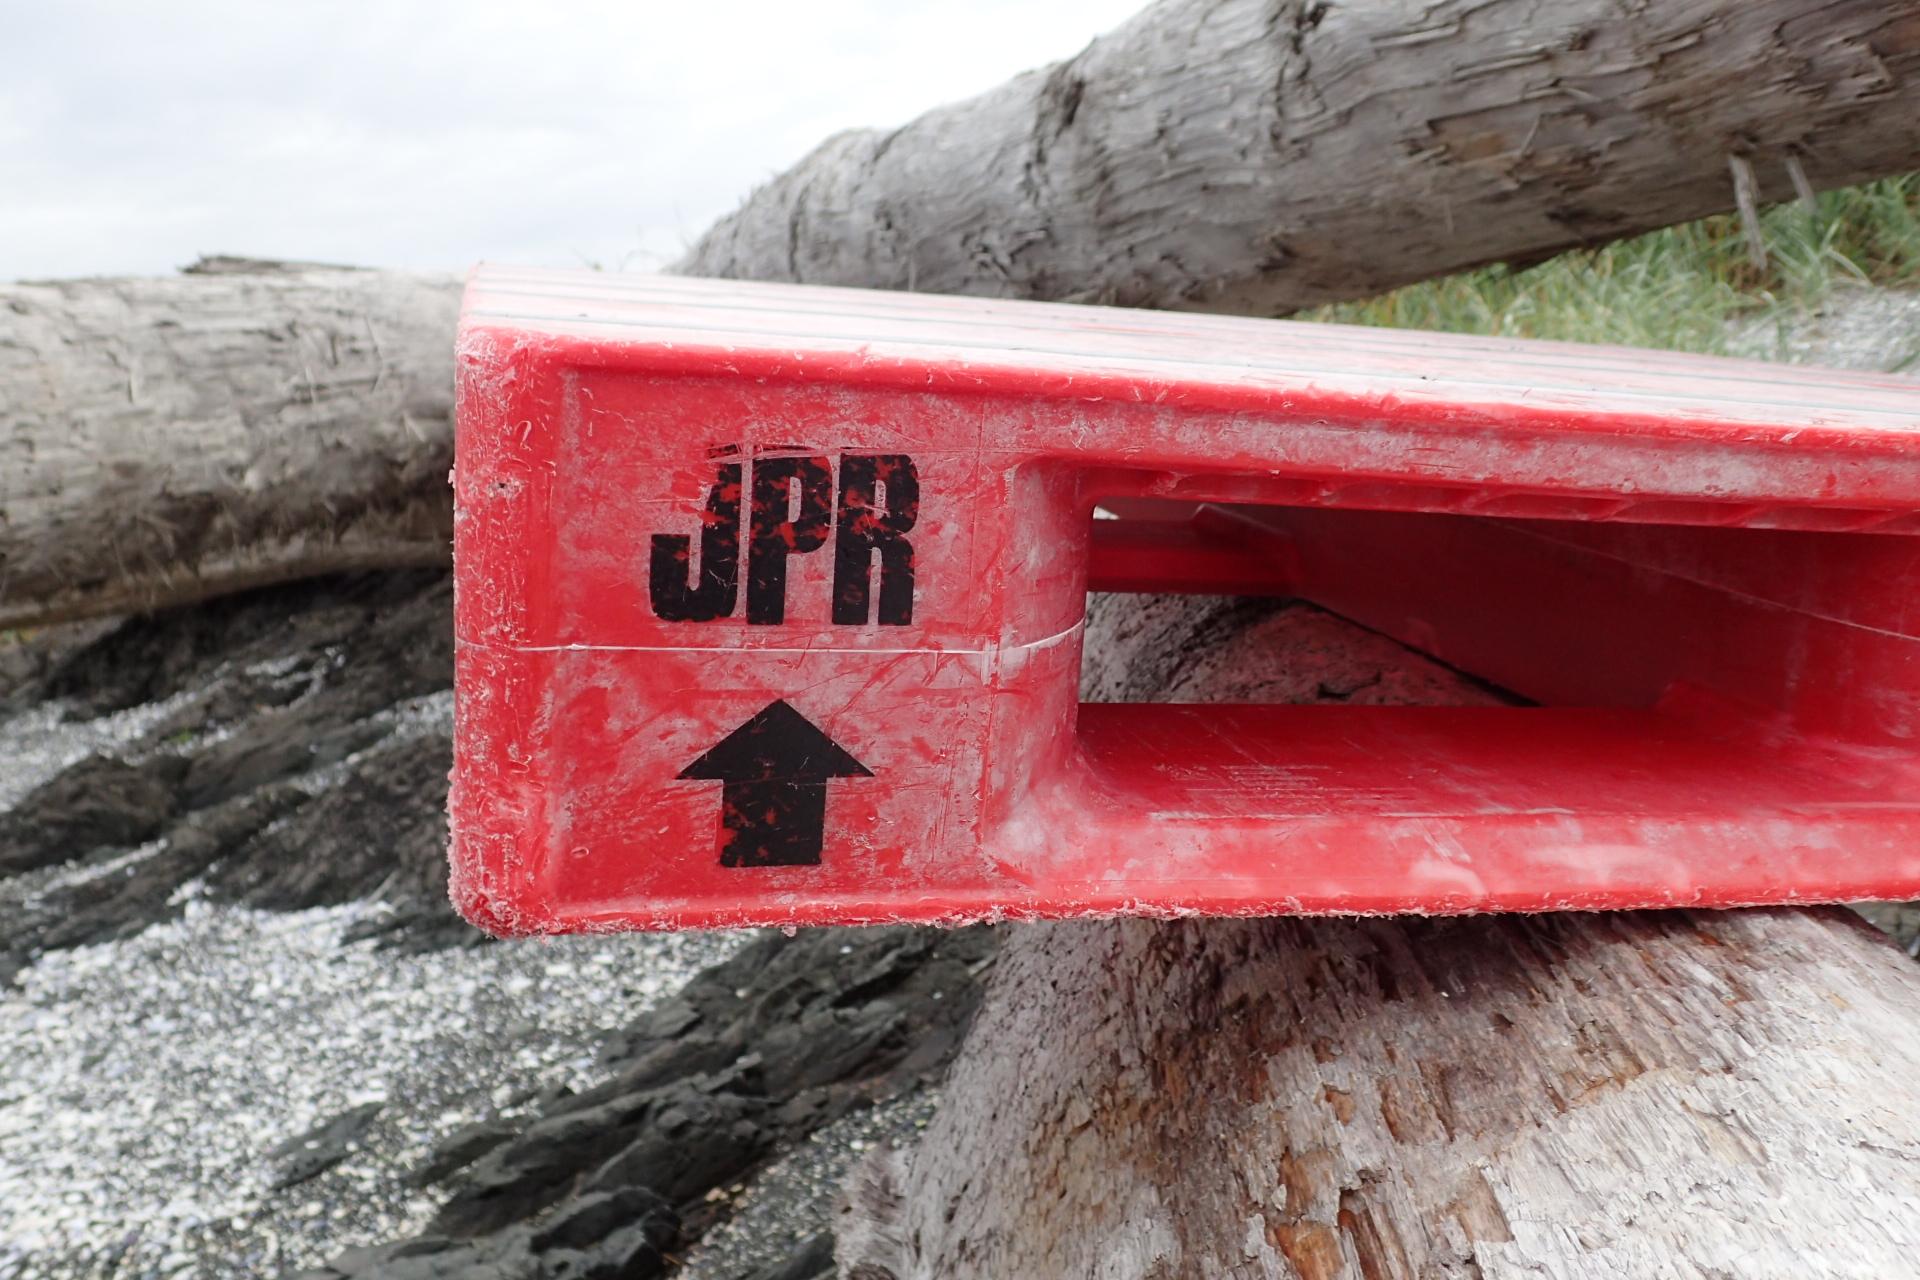 PA010194.JPG